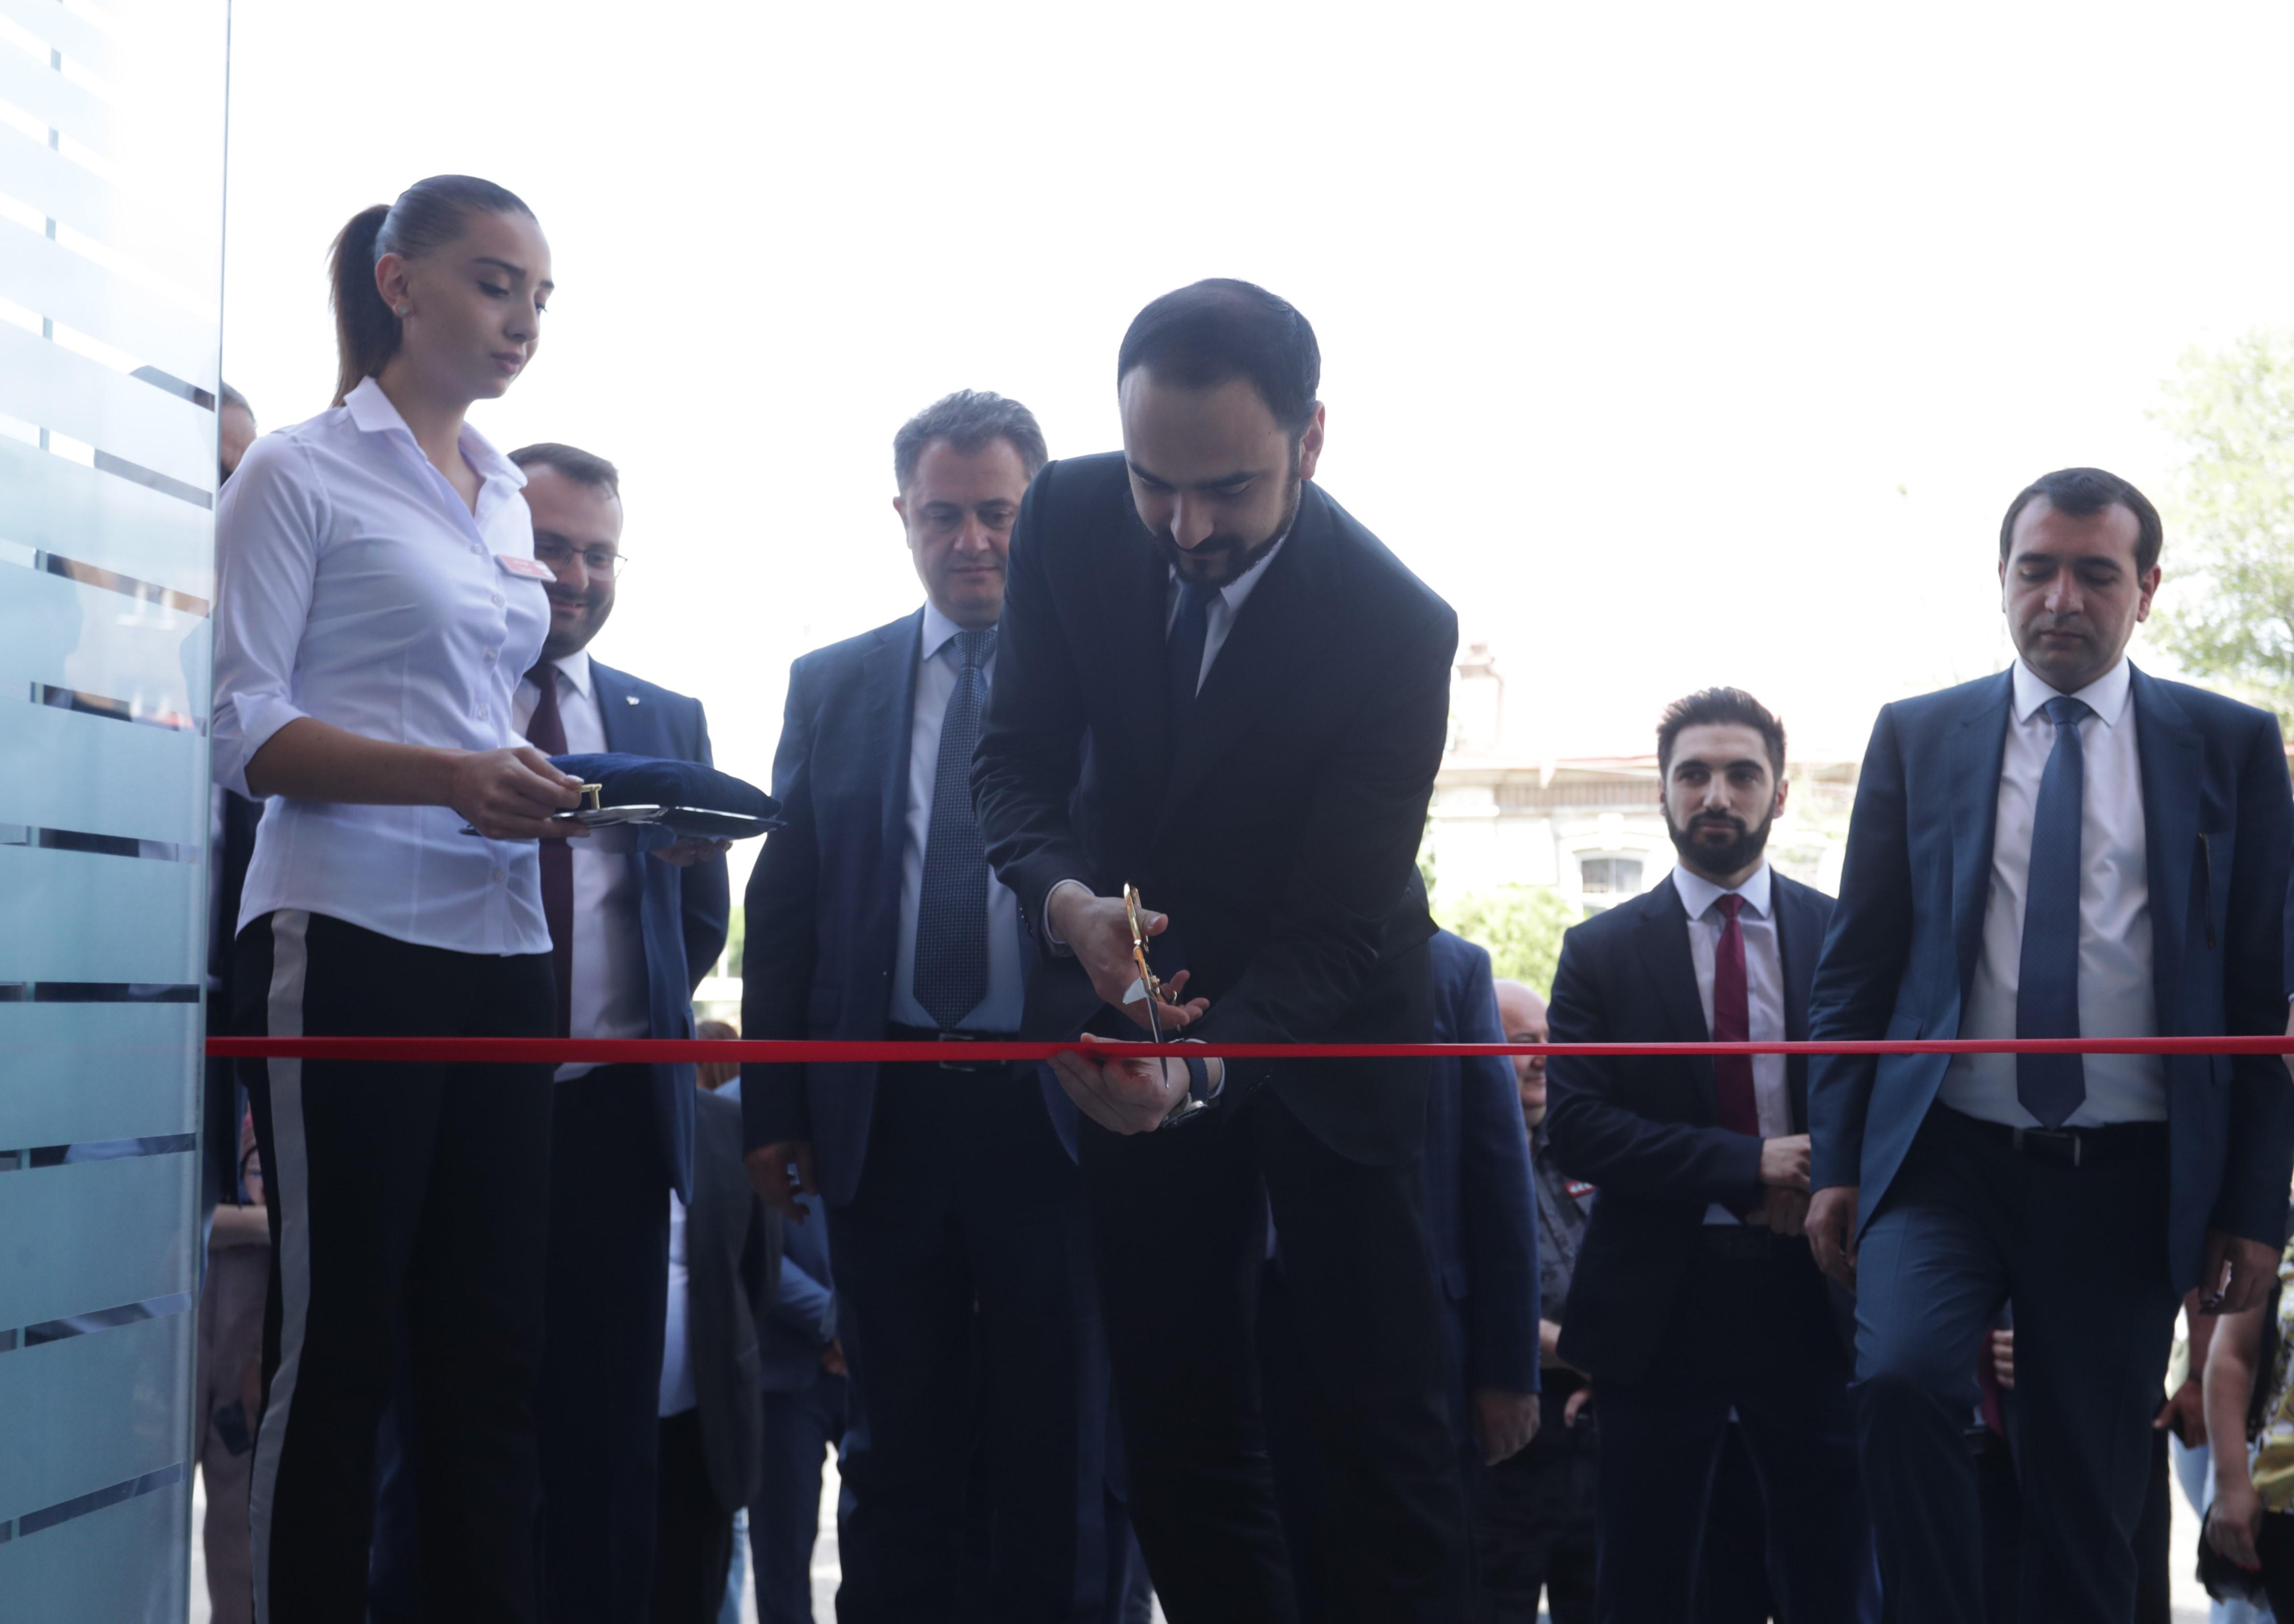 Photo of Տիգրան Ավինյանը մասնակցել է Հանրային ծառայությունների միասնական գրասենյակի բացմանը